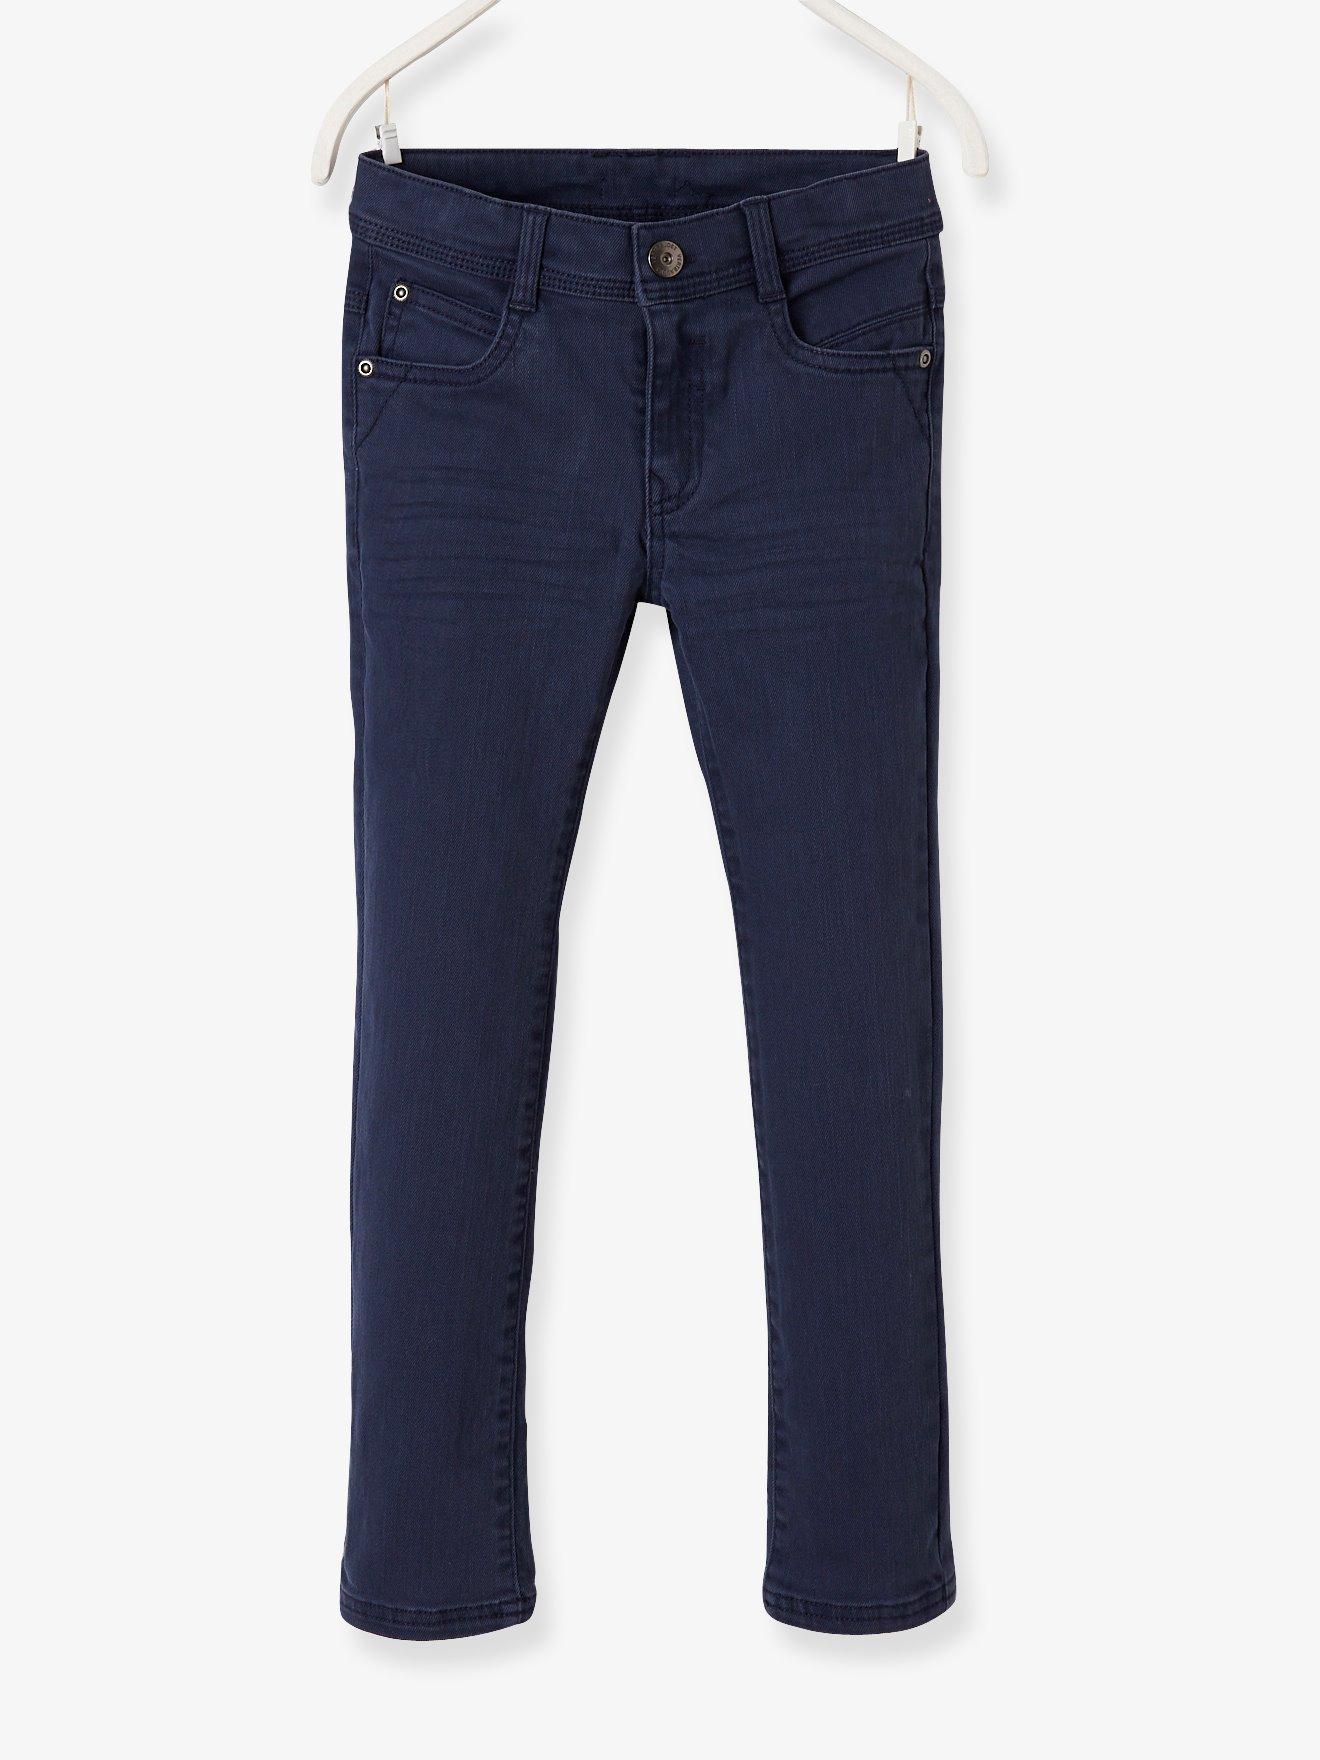 97aeadf5 Pantalón slim niño morfología fuerte azul medio liso